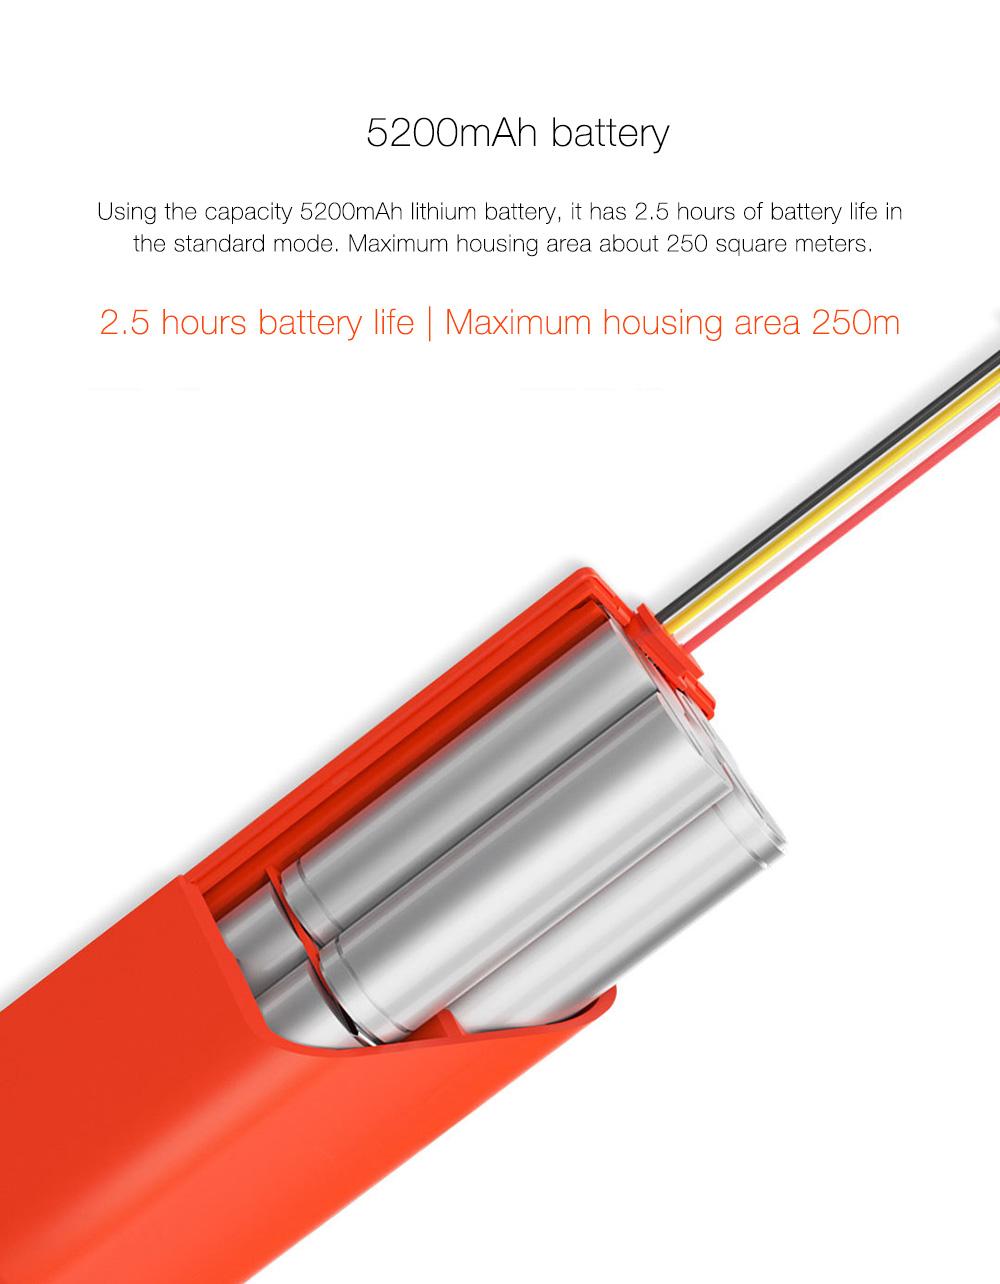 Xiaomi-Mi-Robot-Vacuum-Cleaner-2-20170921175248229